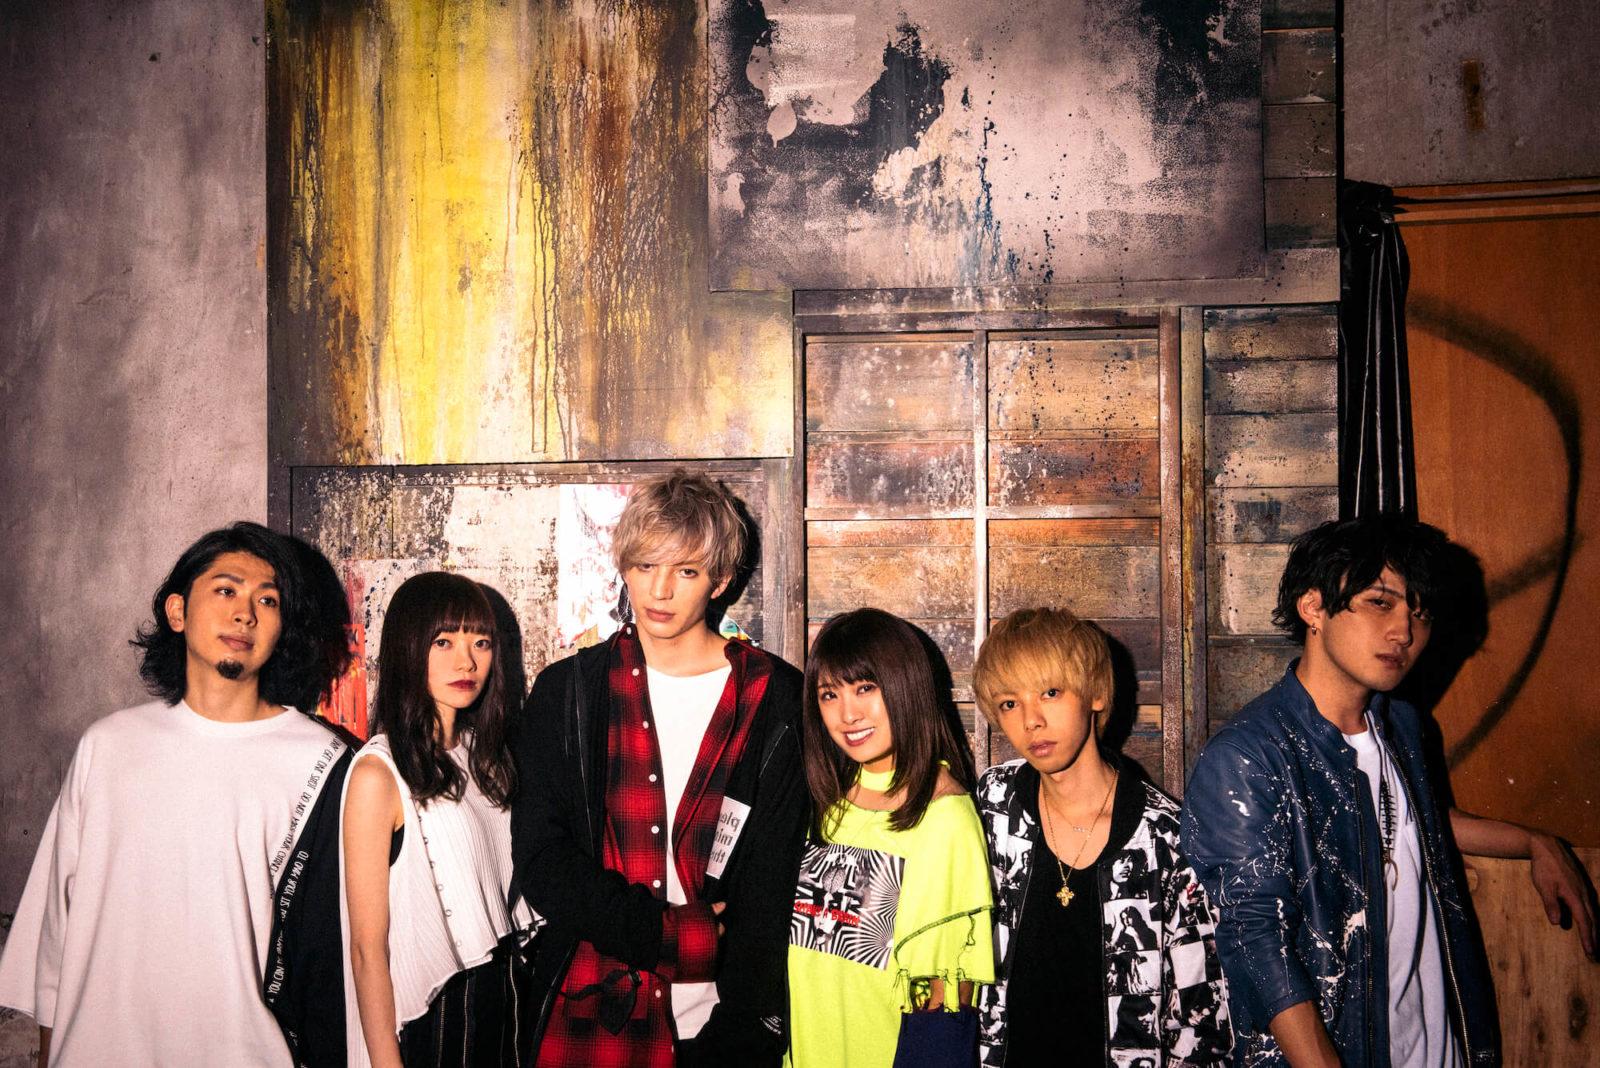 6人組ハイブリッド・ロック・バンドAliAがデビュー・ミニアルバム『AliVe』をリリース!さらに全国ライブハウスツアー開催決定サムネイル画像